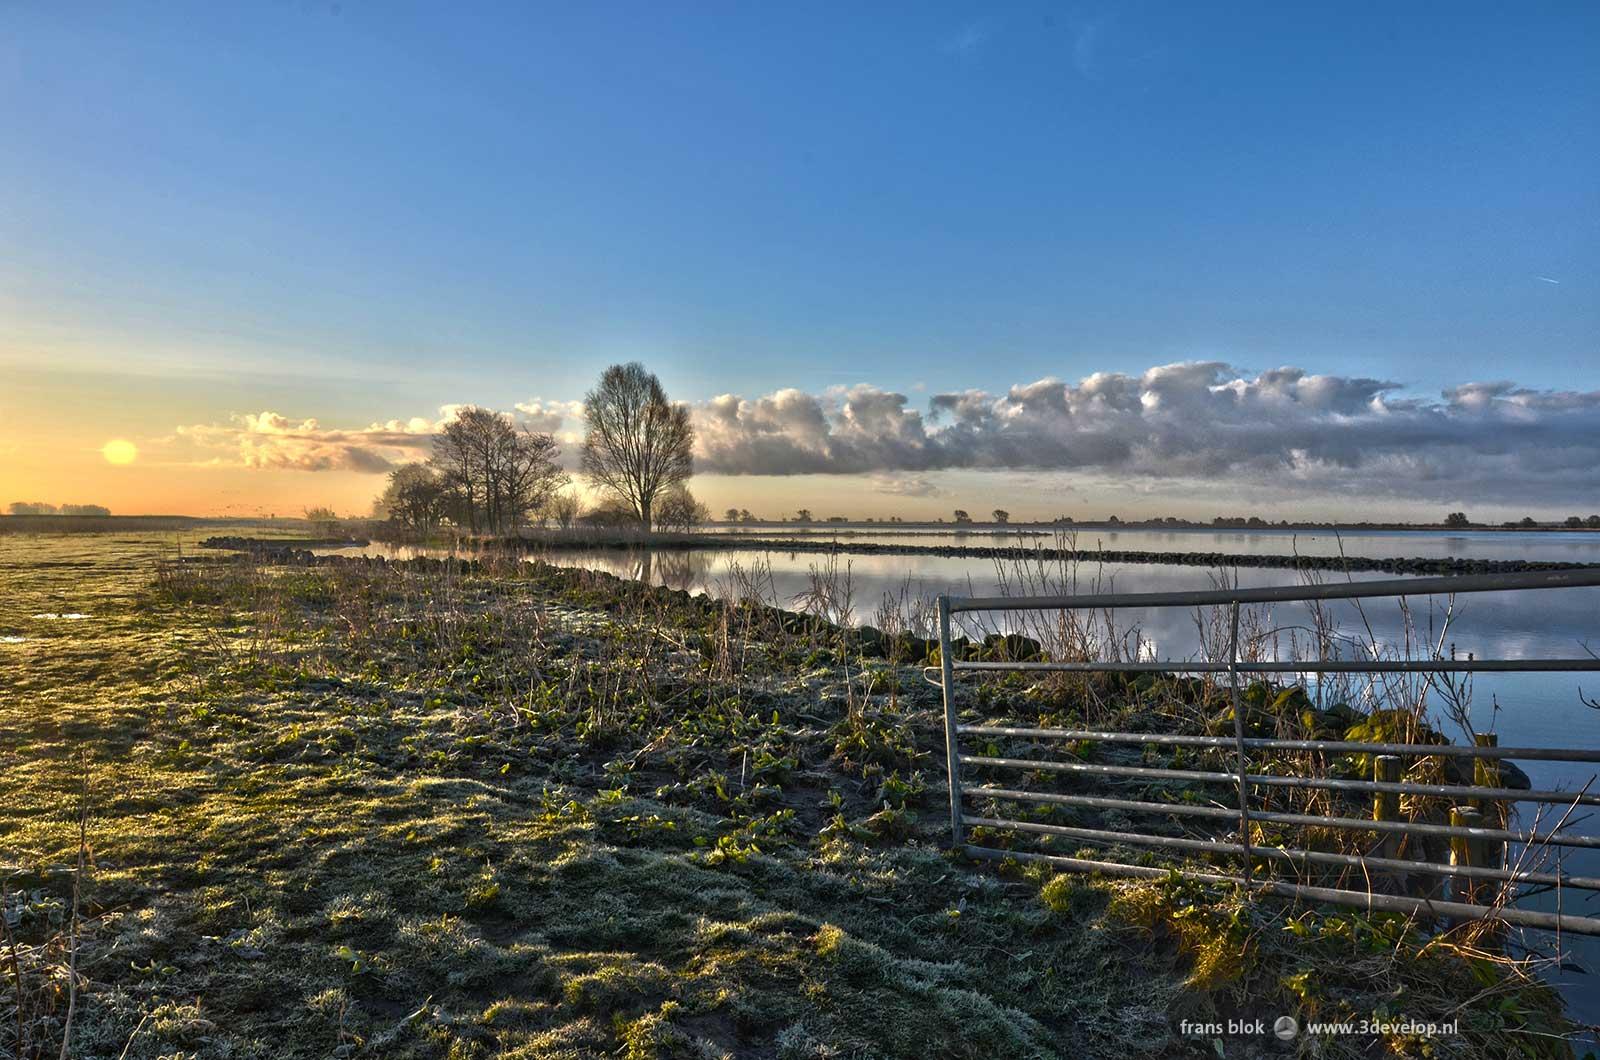 Korendijk Wetlands, the Netherlands, on Easter morning